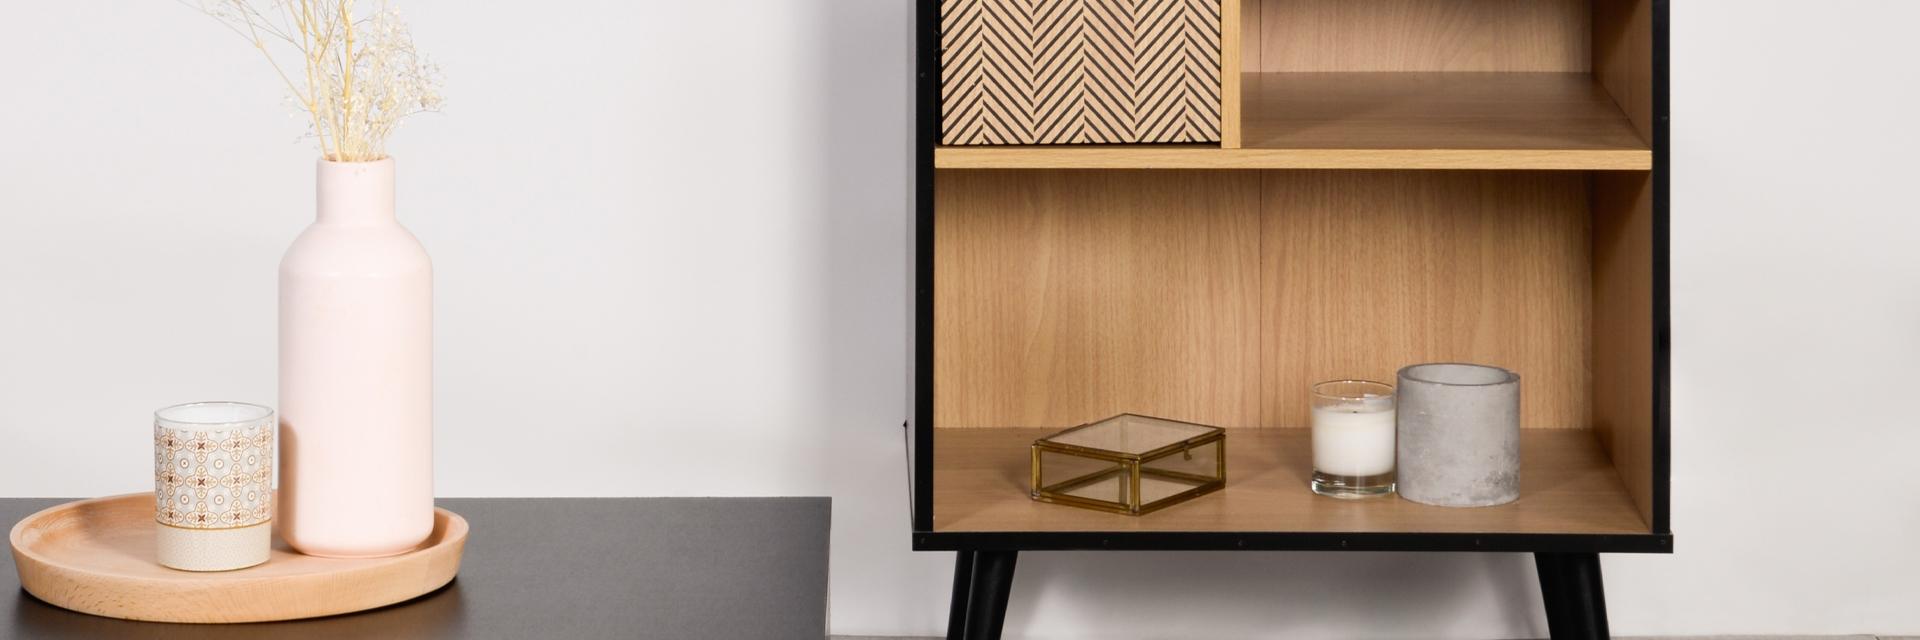 Photographe meuble et décoration